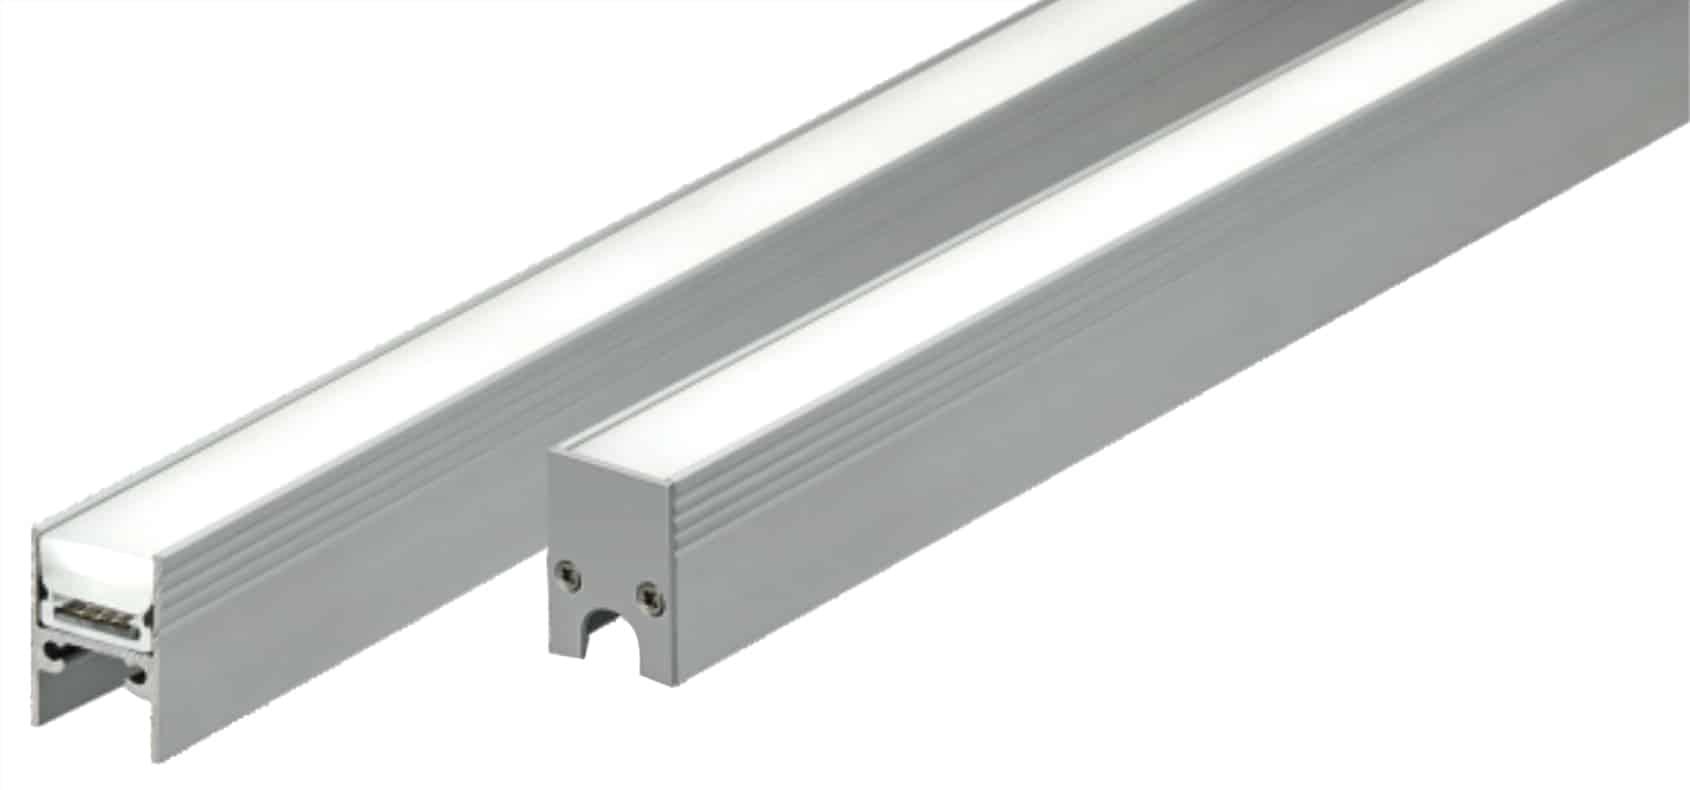 LED Inground Linear